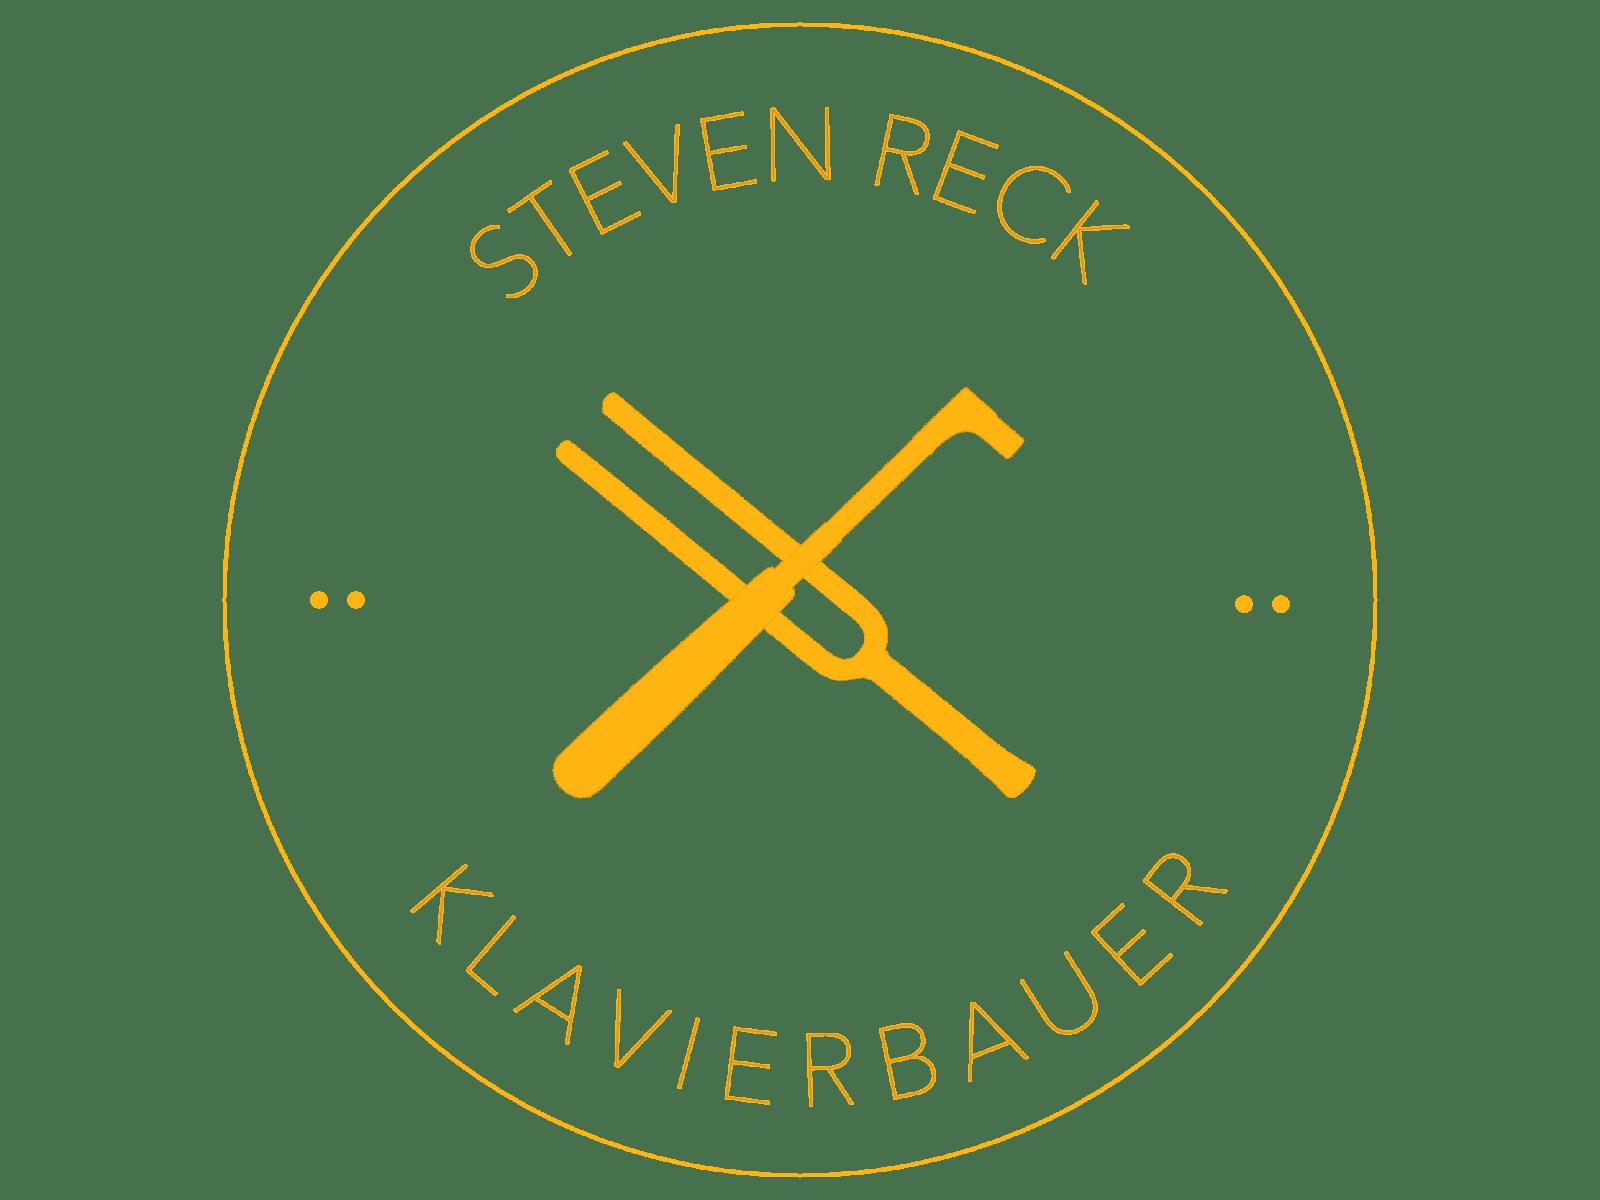 Logo freigestellt Gold Steven Reck Klavierbauer